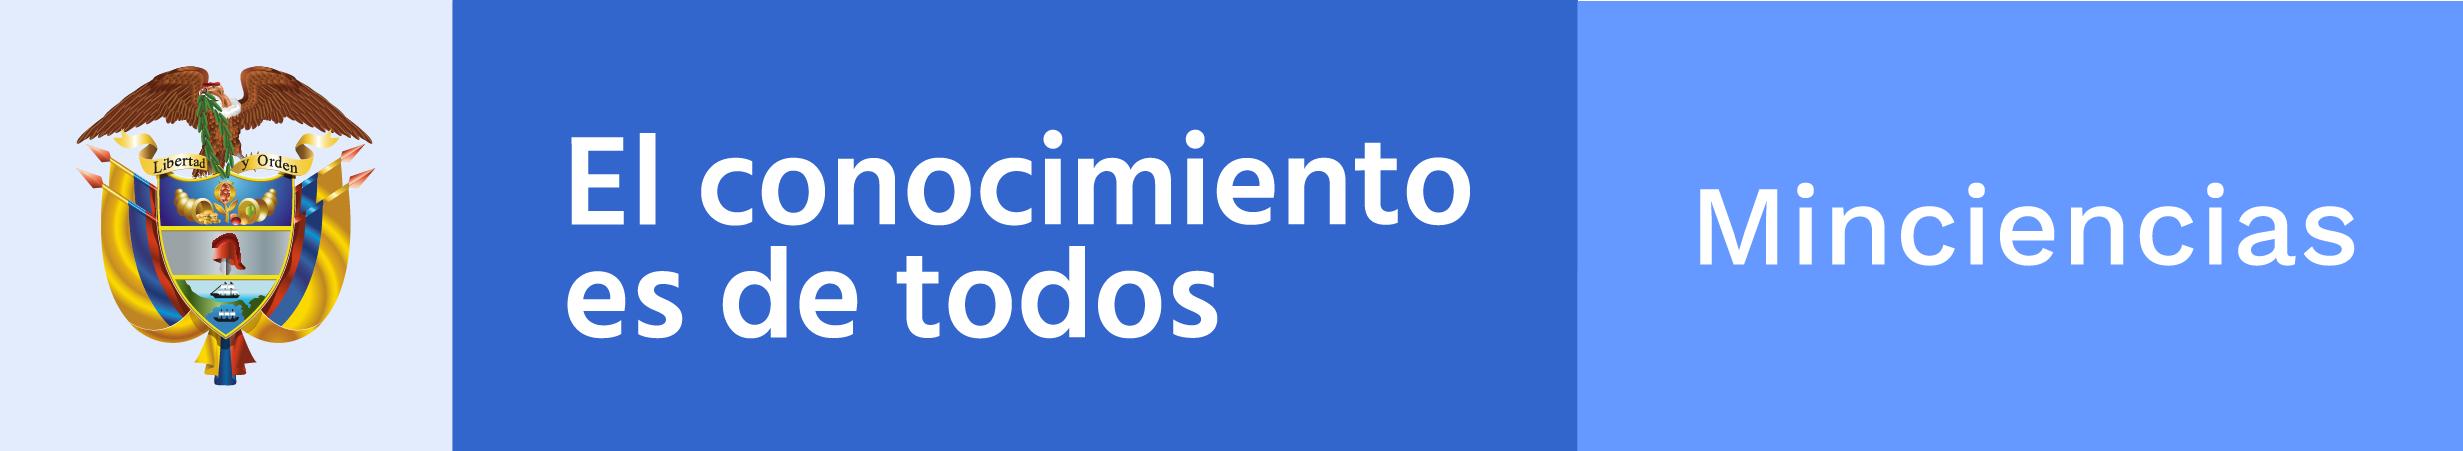 MinCiencias logo